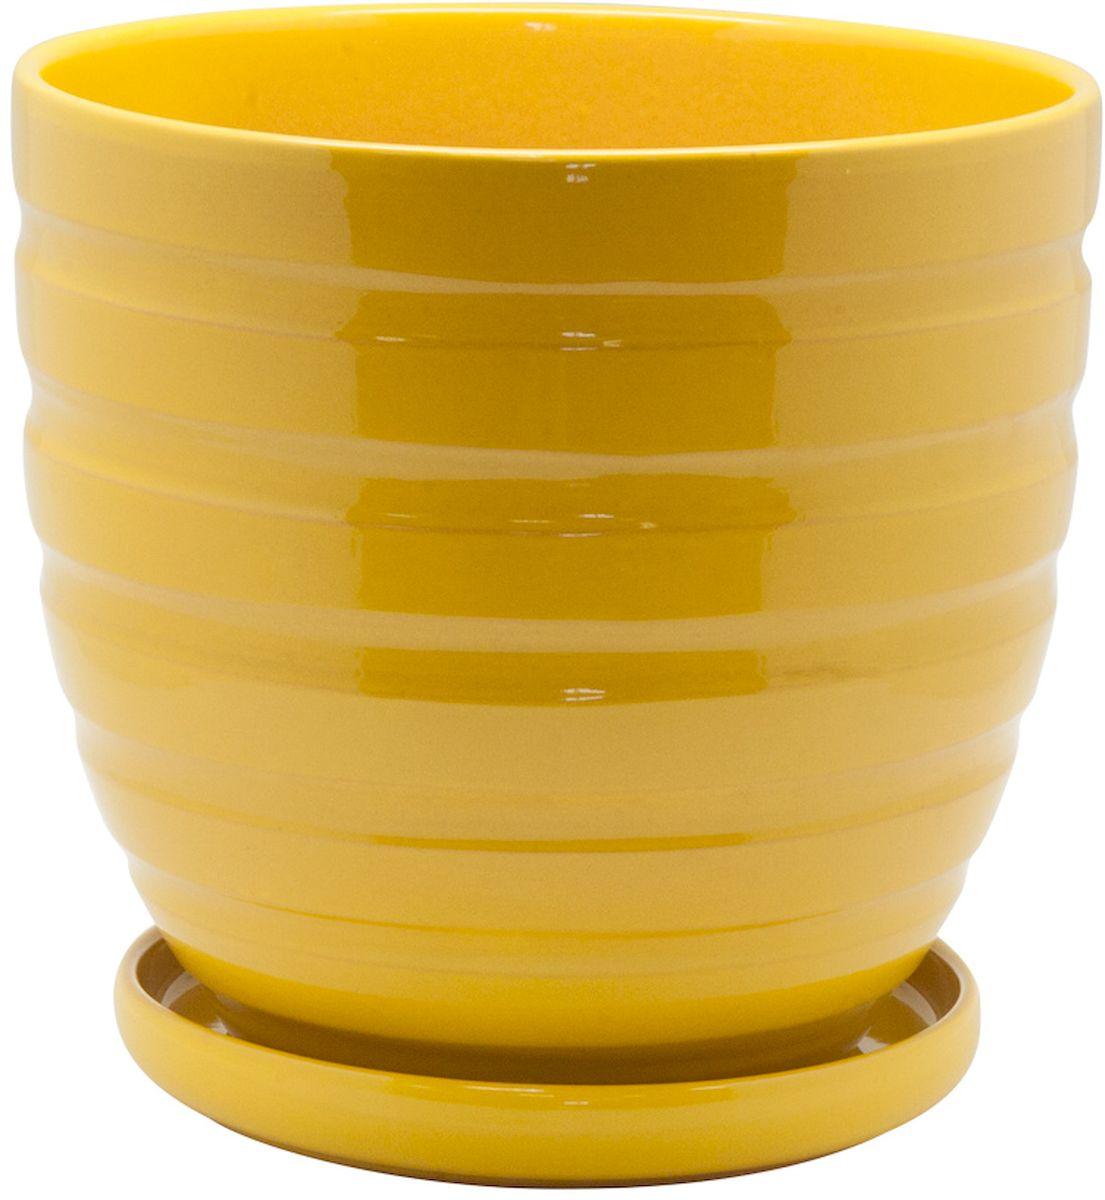 Горшок цветочный Engard, с поддоном, цвет: желтый, 4,7 л1004900000360Керамический горшок - это идеальное решение для выращивания комнатных растений и создания изысканности в интерьере. Керамический горшок сделан из высококачественной глины в классической форме и оригинальном дизайне.